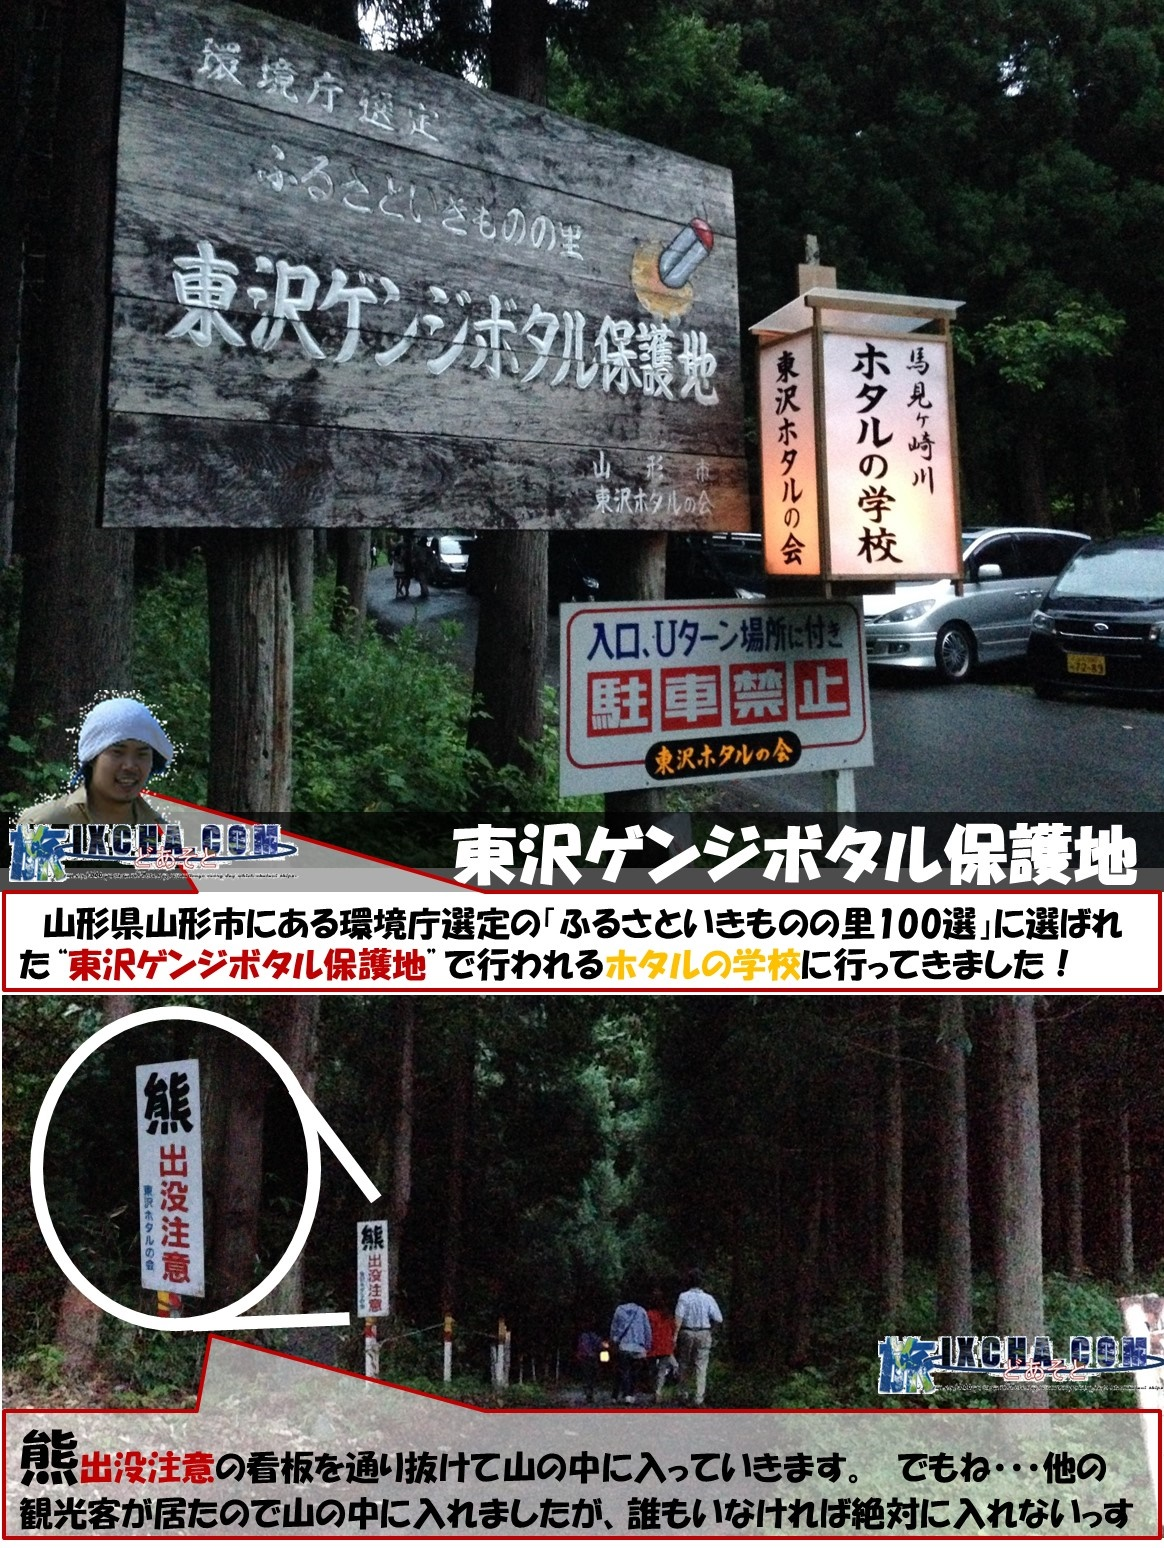 """東沢ゲンジボタル保護地 山形県山形市にある環境庁選定の「ふるさといきものの里100選」に選ばれた""""東沢ゲンジボタル保護地""""で行われるホタルの学校に行ってきました!熊出没注意の看板を通り抜けて山の中に入っていきます。 でもね・・・他の観光客が居たので山の中に入れましたが、誰もいなければ絶対に入れないっす"""